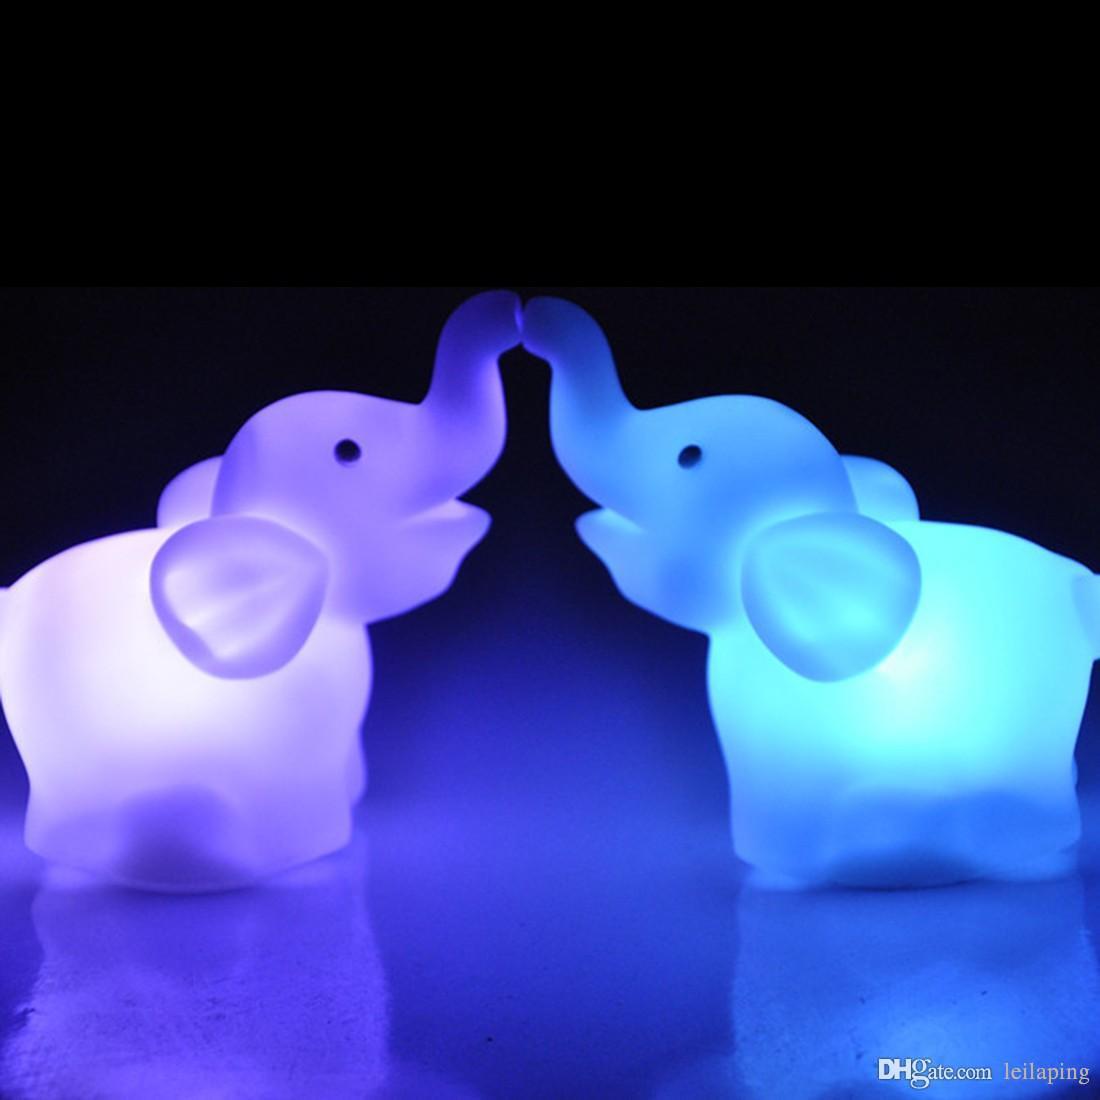 2019 Led Night Light Elephant Shape Color Changing Decoration Lamp